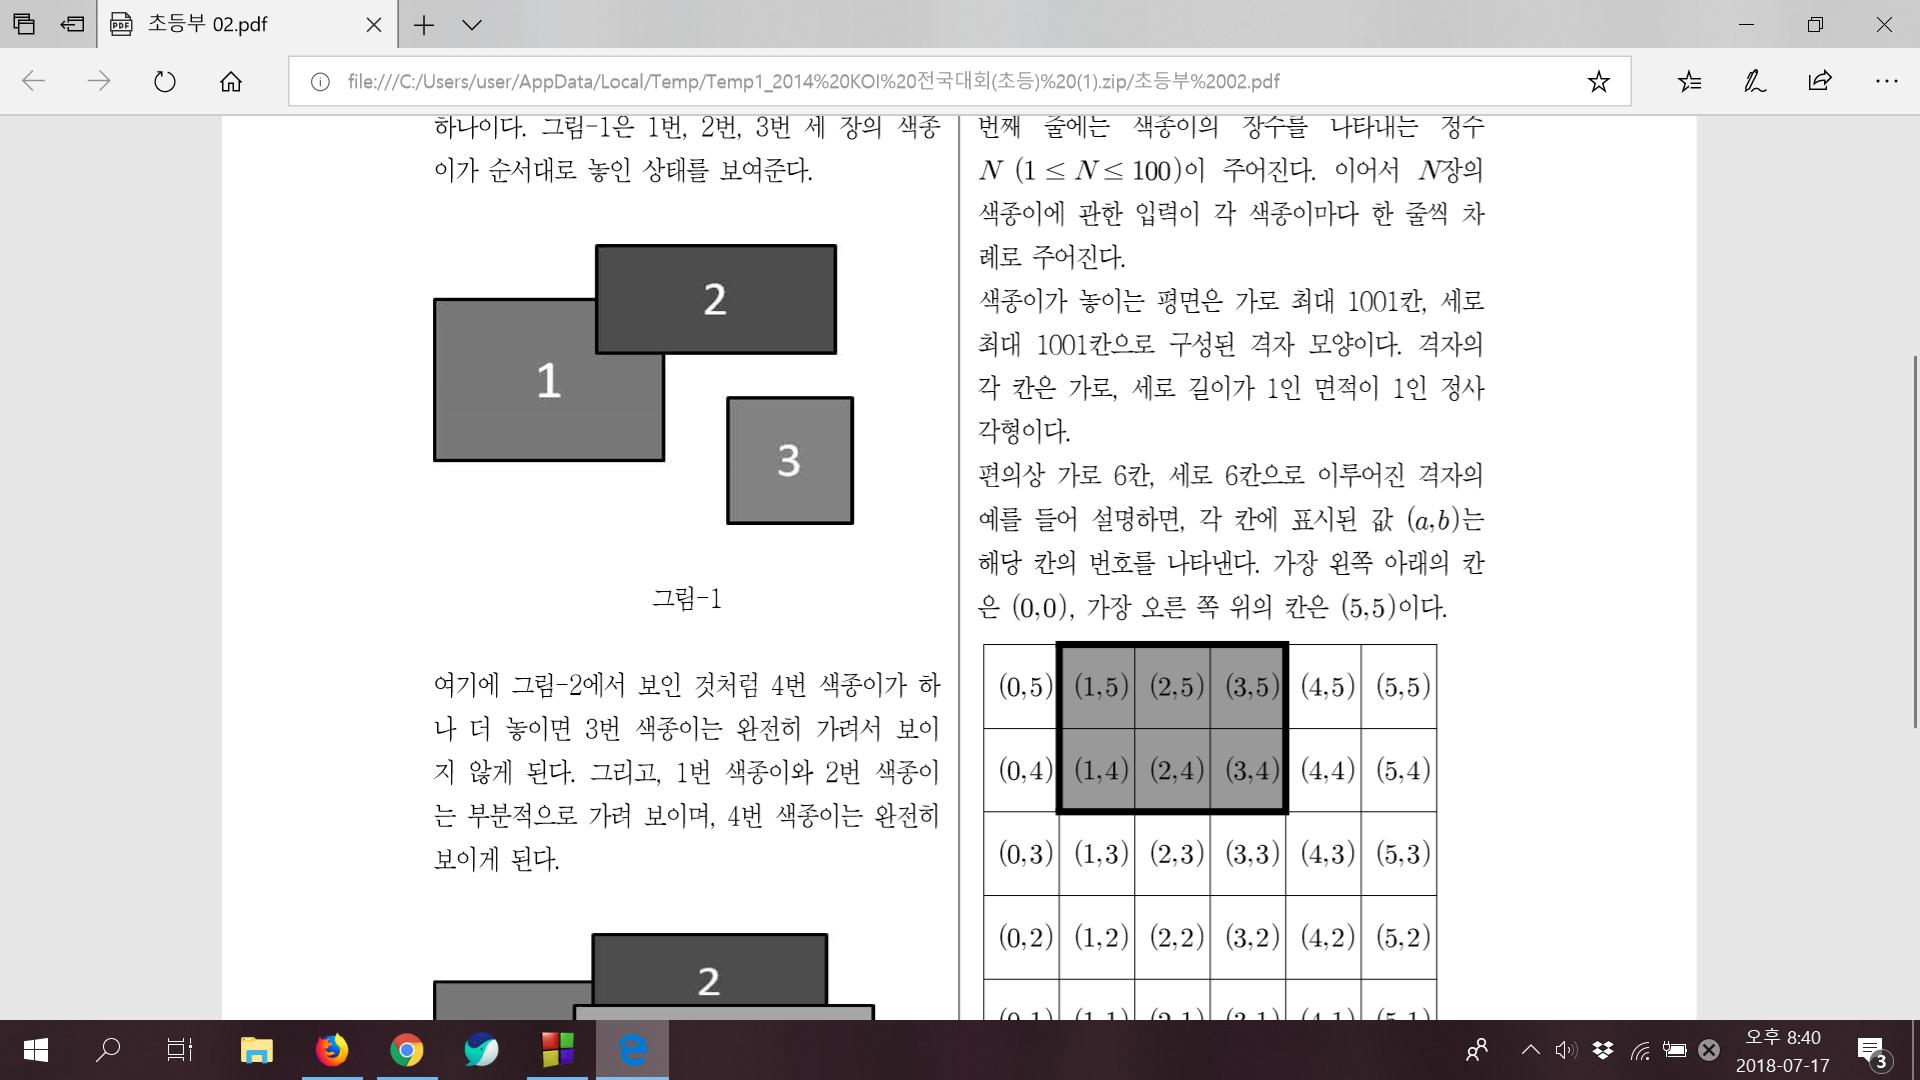 98a386de-d7f7-4811-a52f-a84e05553e4d